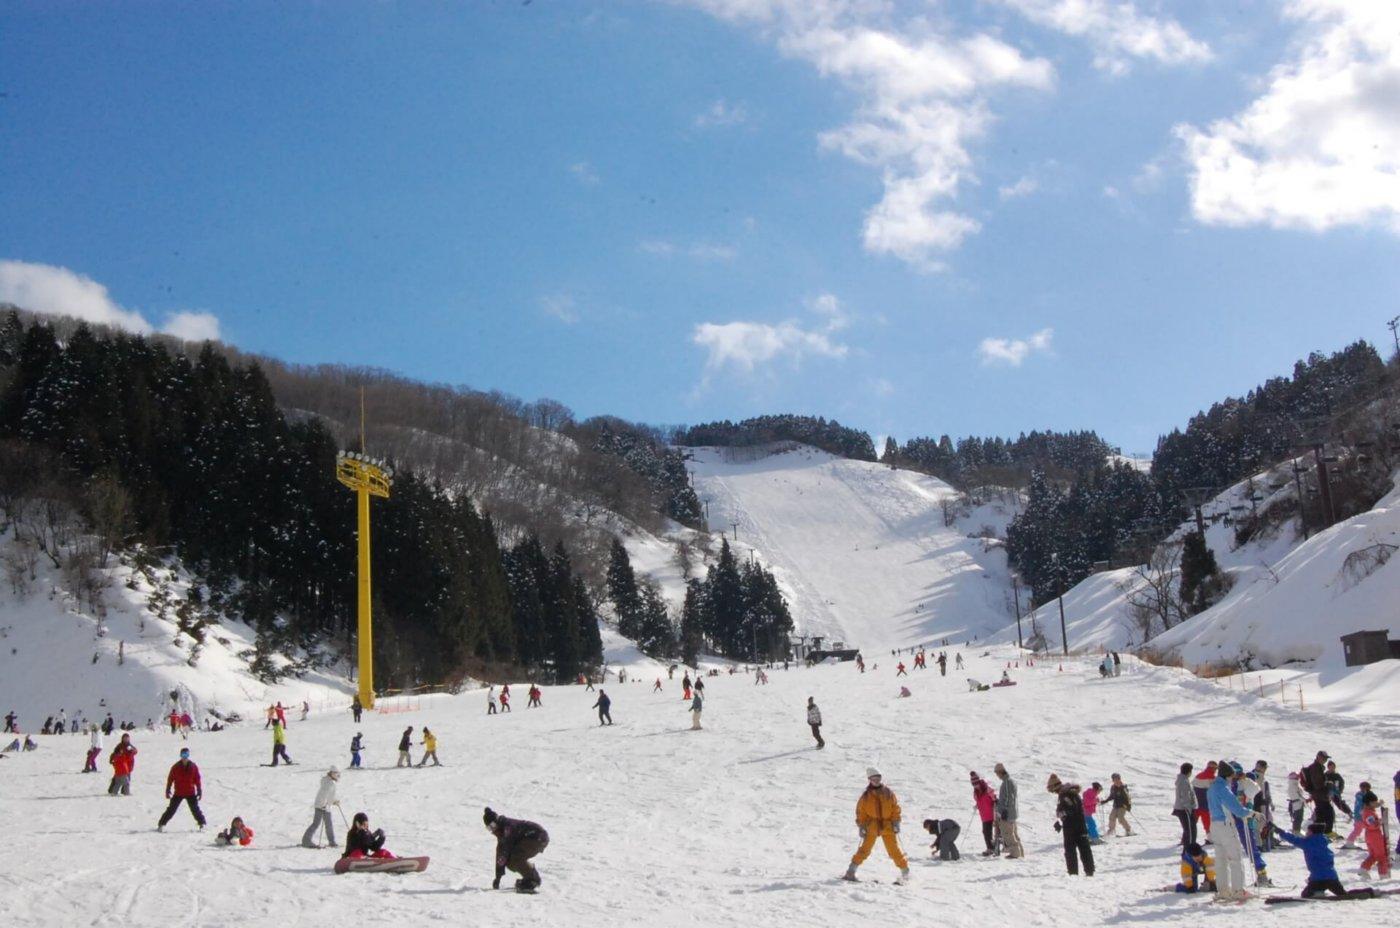 バスツアーを利用してスキーに行こう